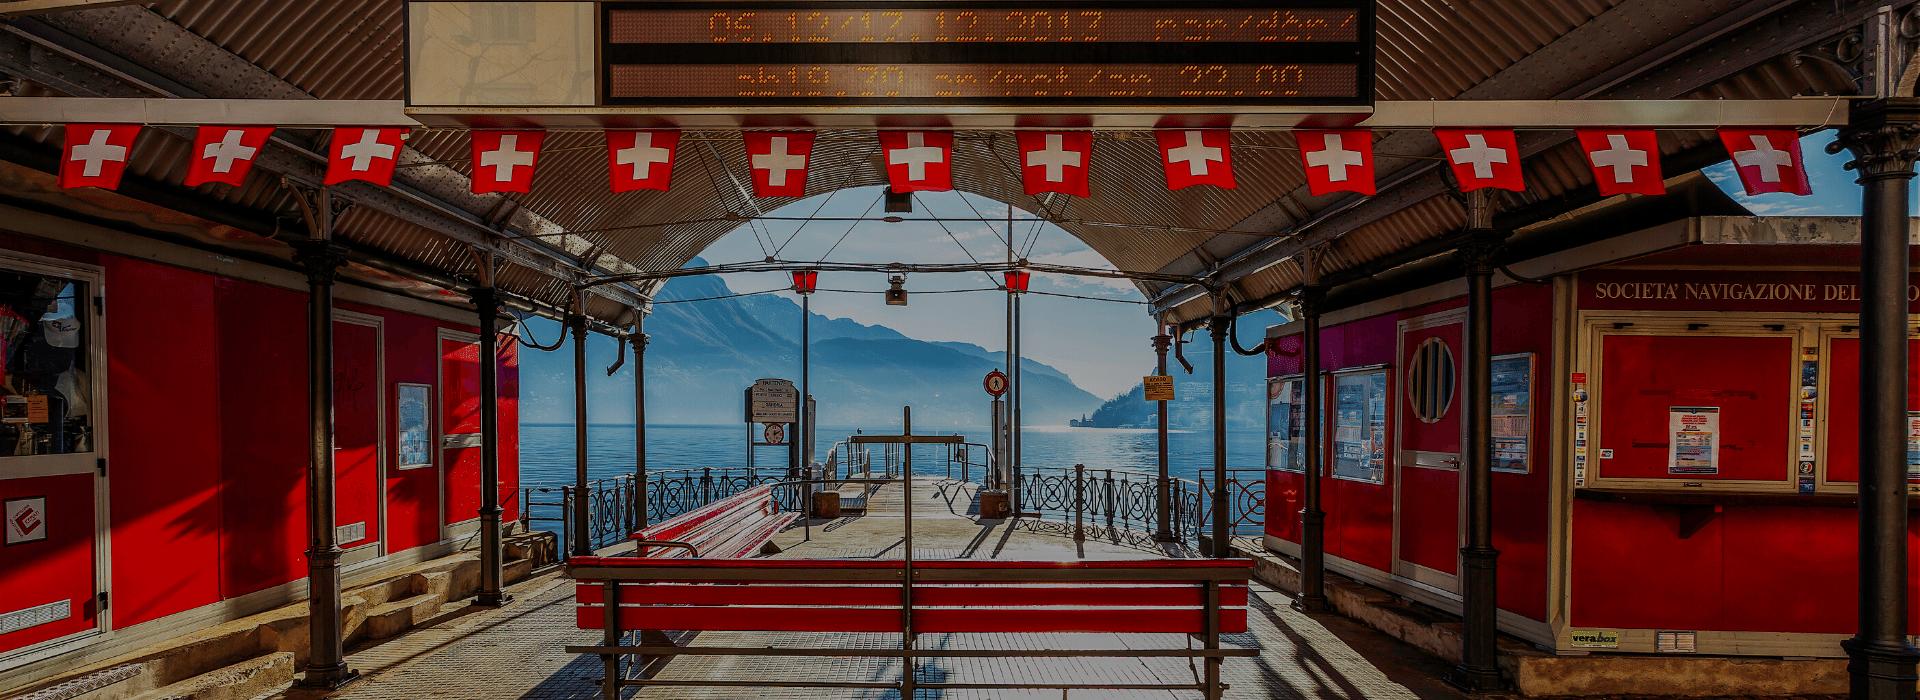 Lugano-Centrale Header